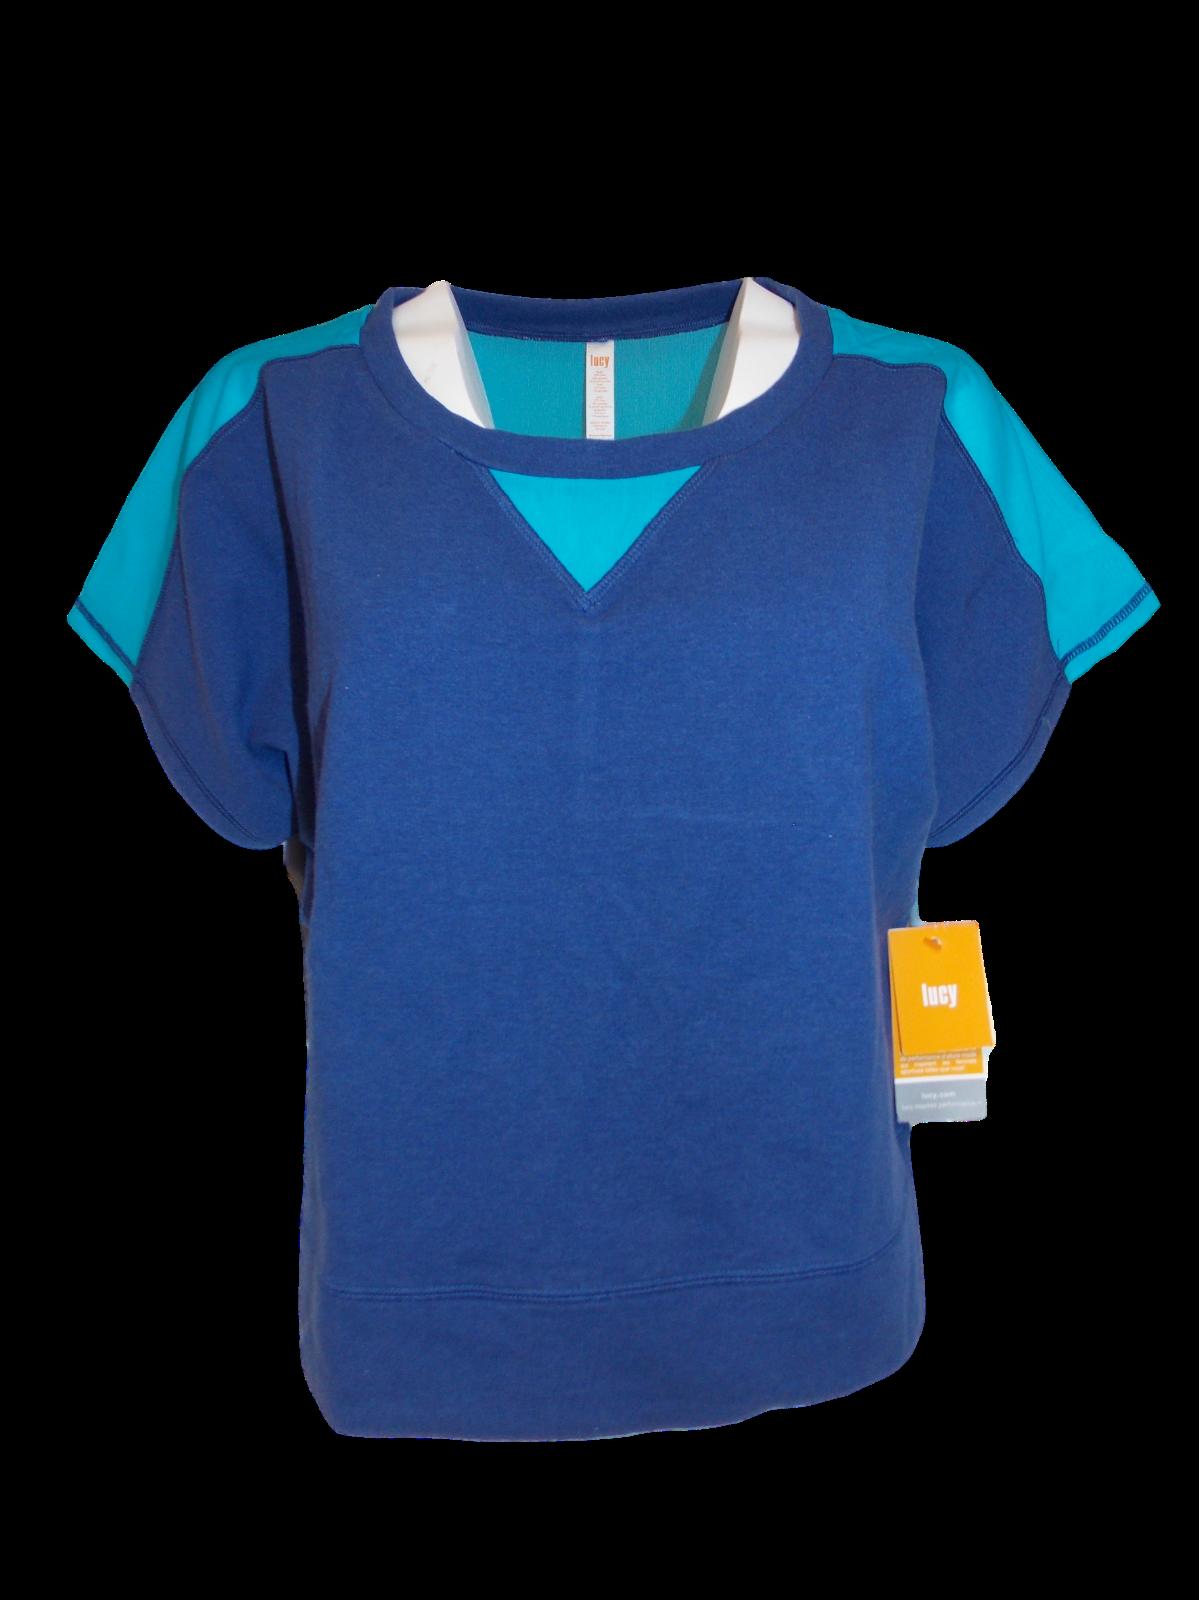 Lucy Damen Sonne Gruß Ultramarine Ultramarine Ultramarine Jumper Tee  Medium Blau Neu mit Etiketten 1804fa